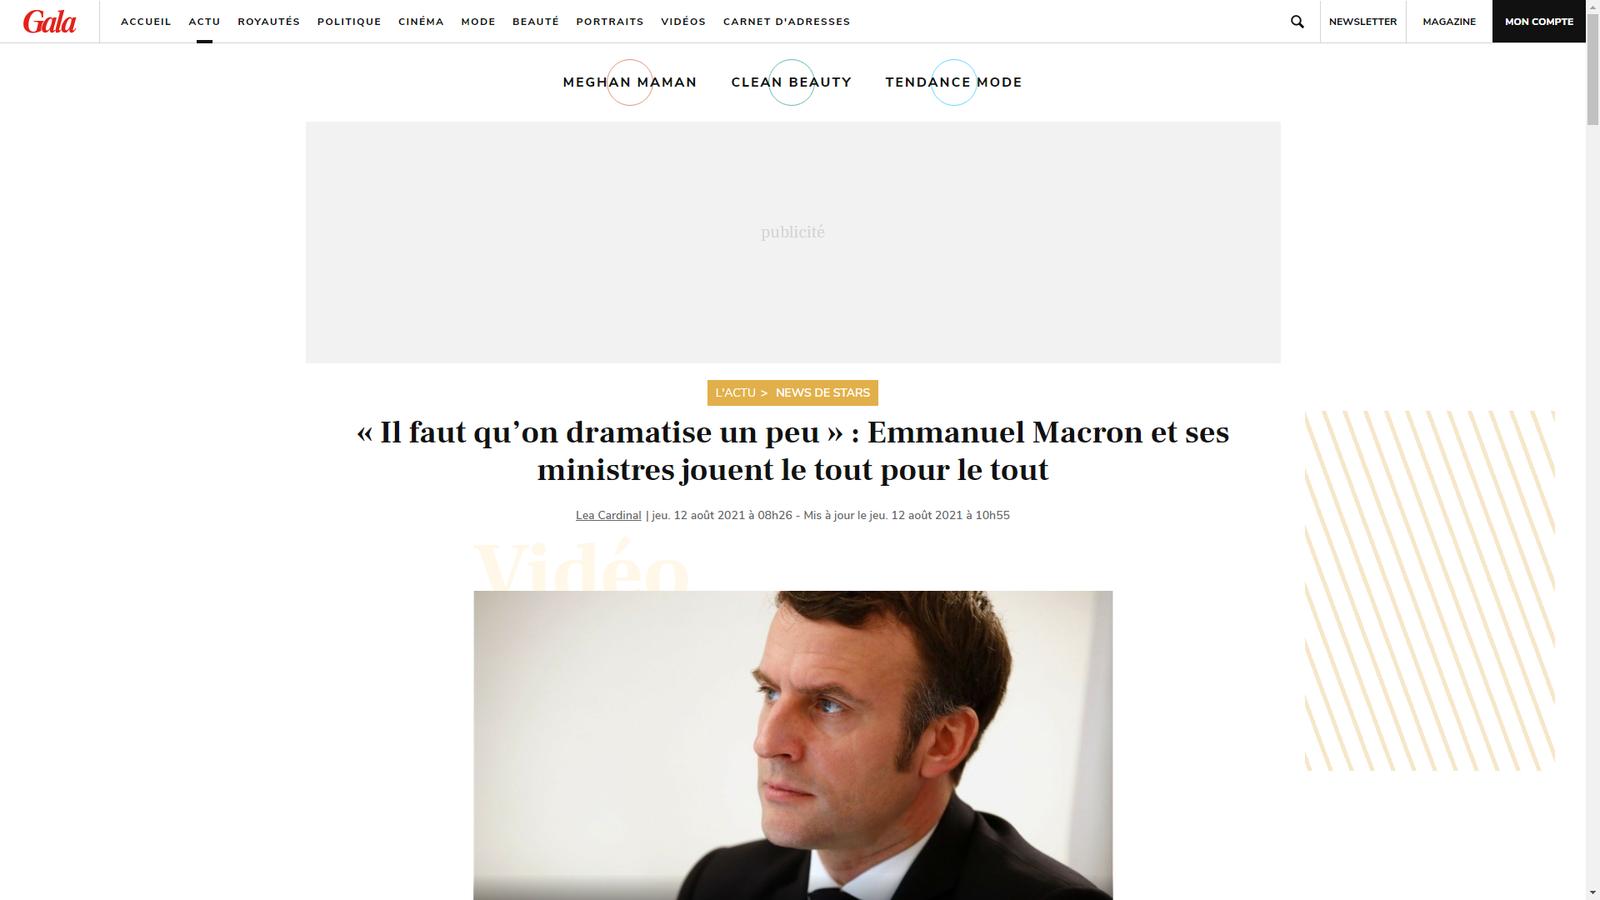 https://www.gala.fr/l_actu/news_de_stars/il-faut-quon-dramatise-un-peu-emmanuel-macron-et-ses-ministres-jouent-le-tout-pour-le-tout_474389